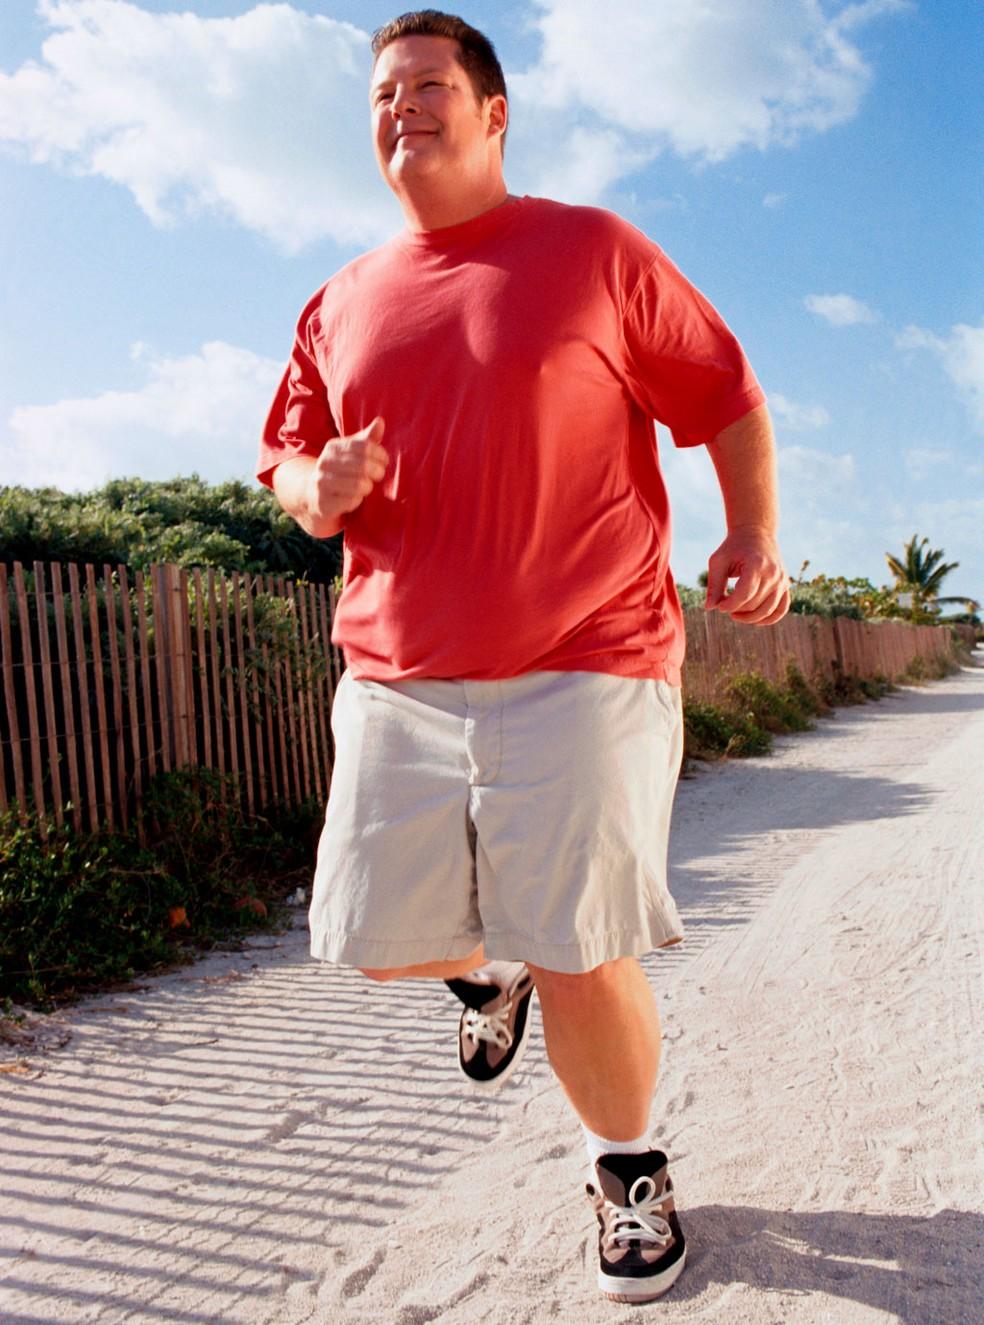 Atividade física ajuda e muito a amenizar os fatores de risco para doenças do coração (Foto: Agência Getty Images)